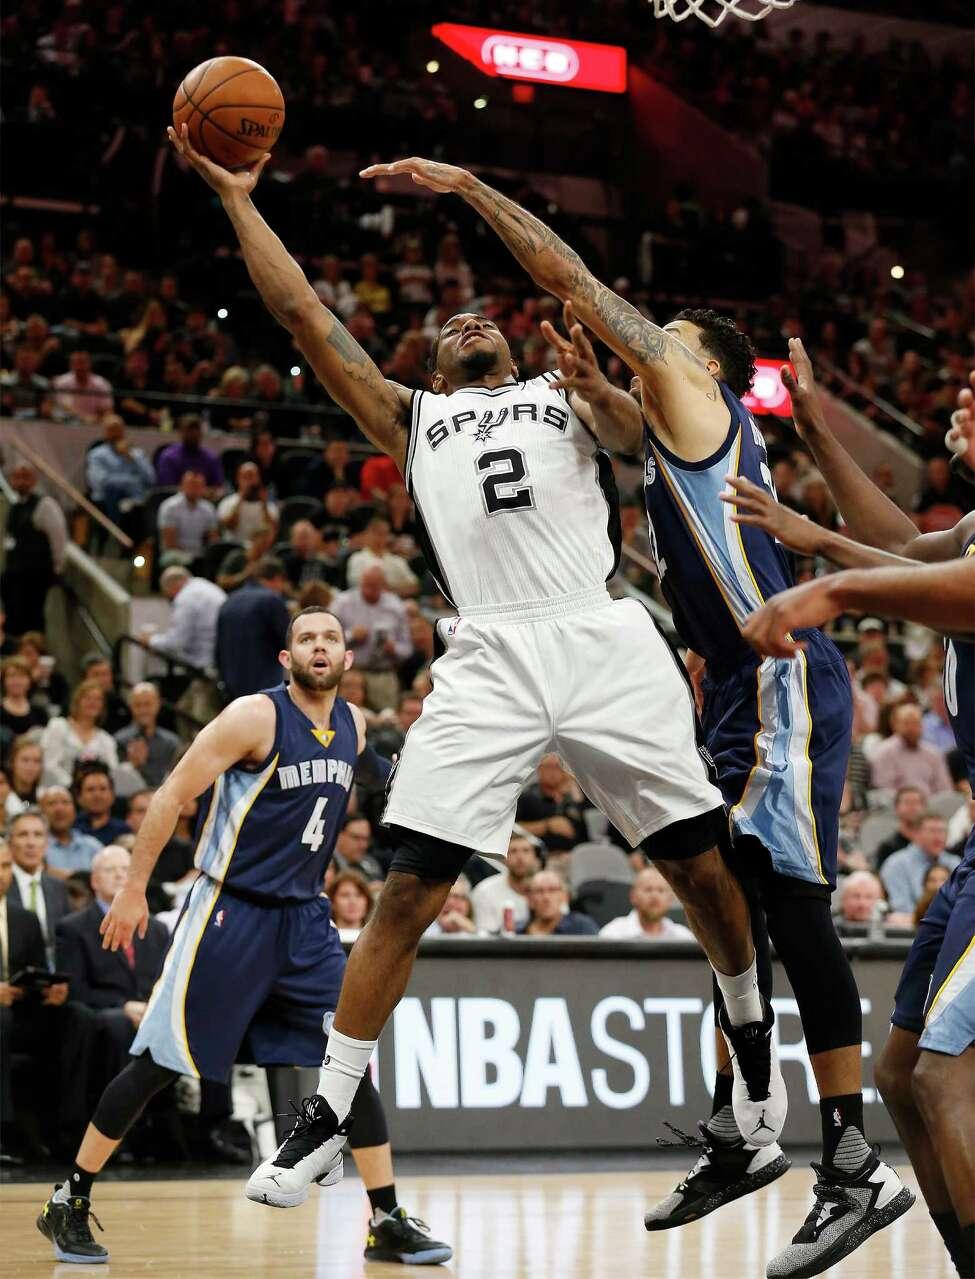 @Spurs 94, Grizzlies 68